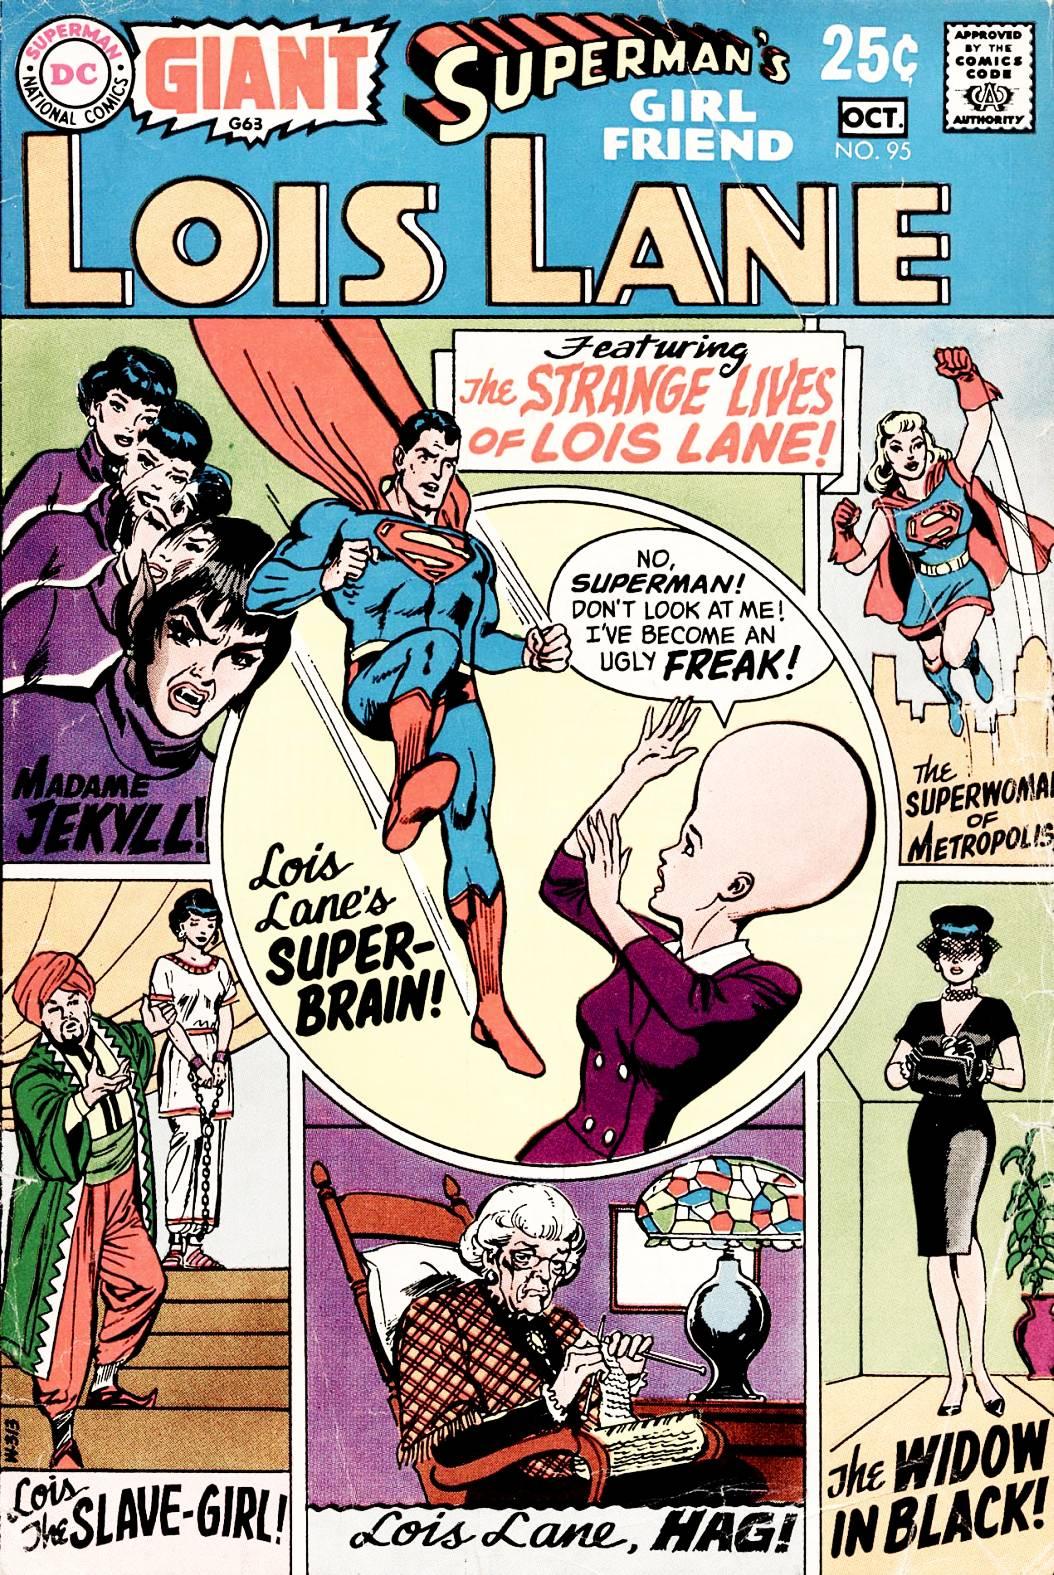 Supermans Girl Friend, Lois Lane 95 Page 1